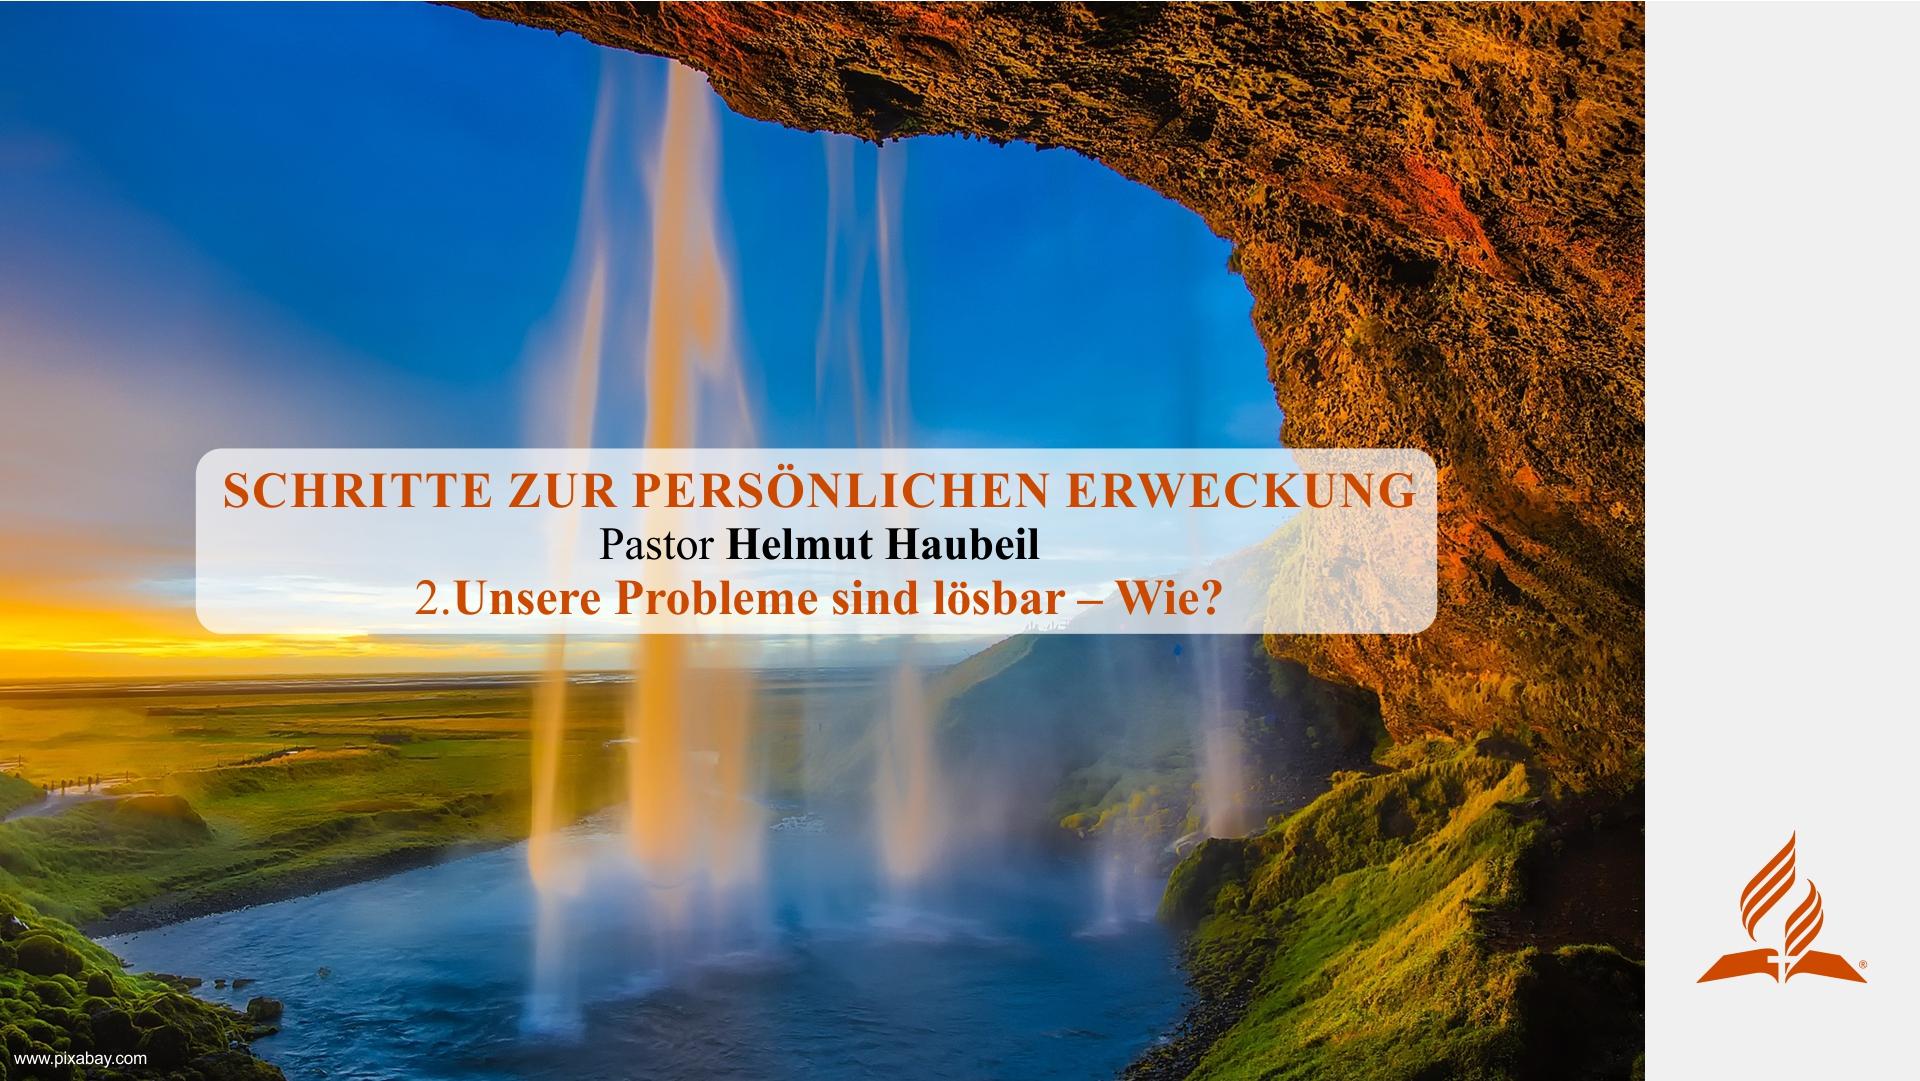 2.Unsere Probleme sind lösbar – Wie? – SCHRITTE ZUR PERSÖNLICHEN ERWECKUNG | Pastor Helmut Haubeil